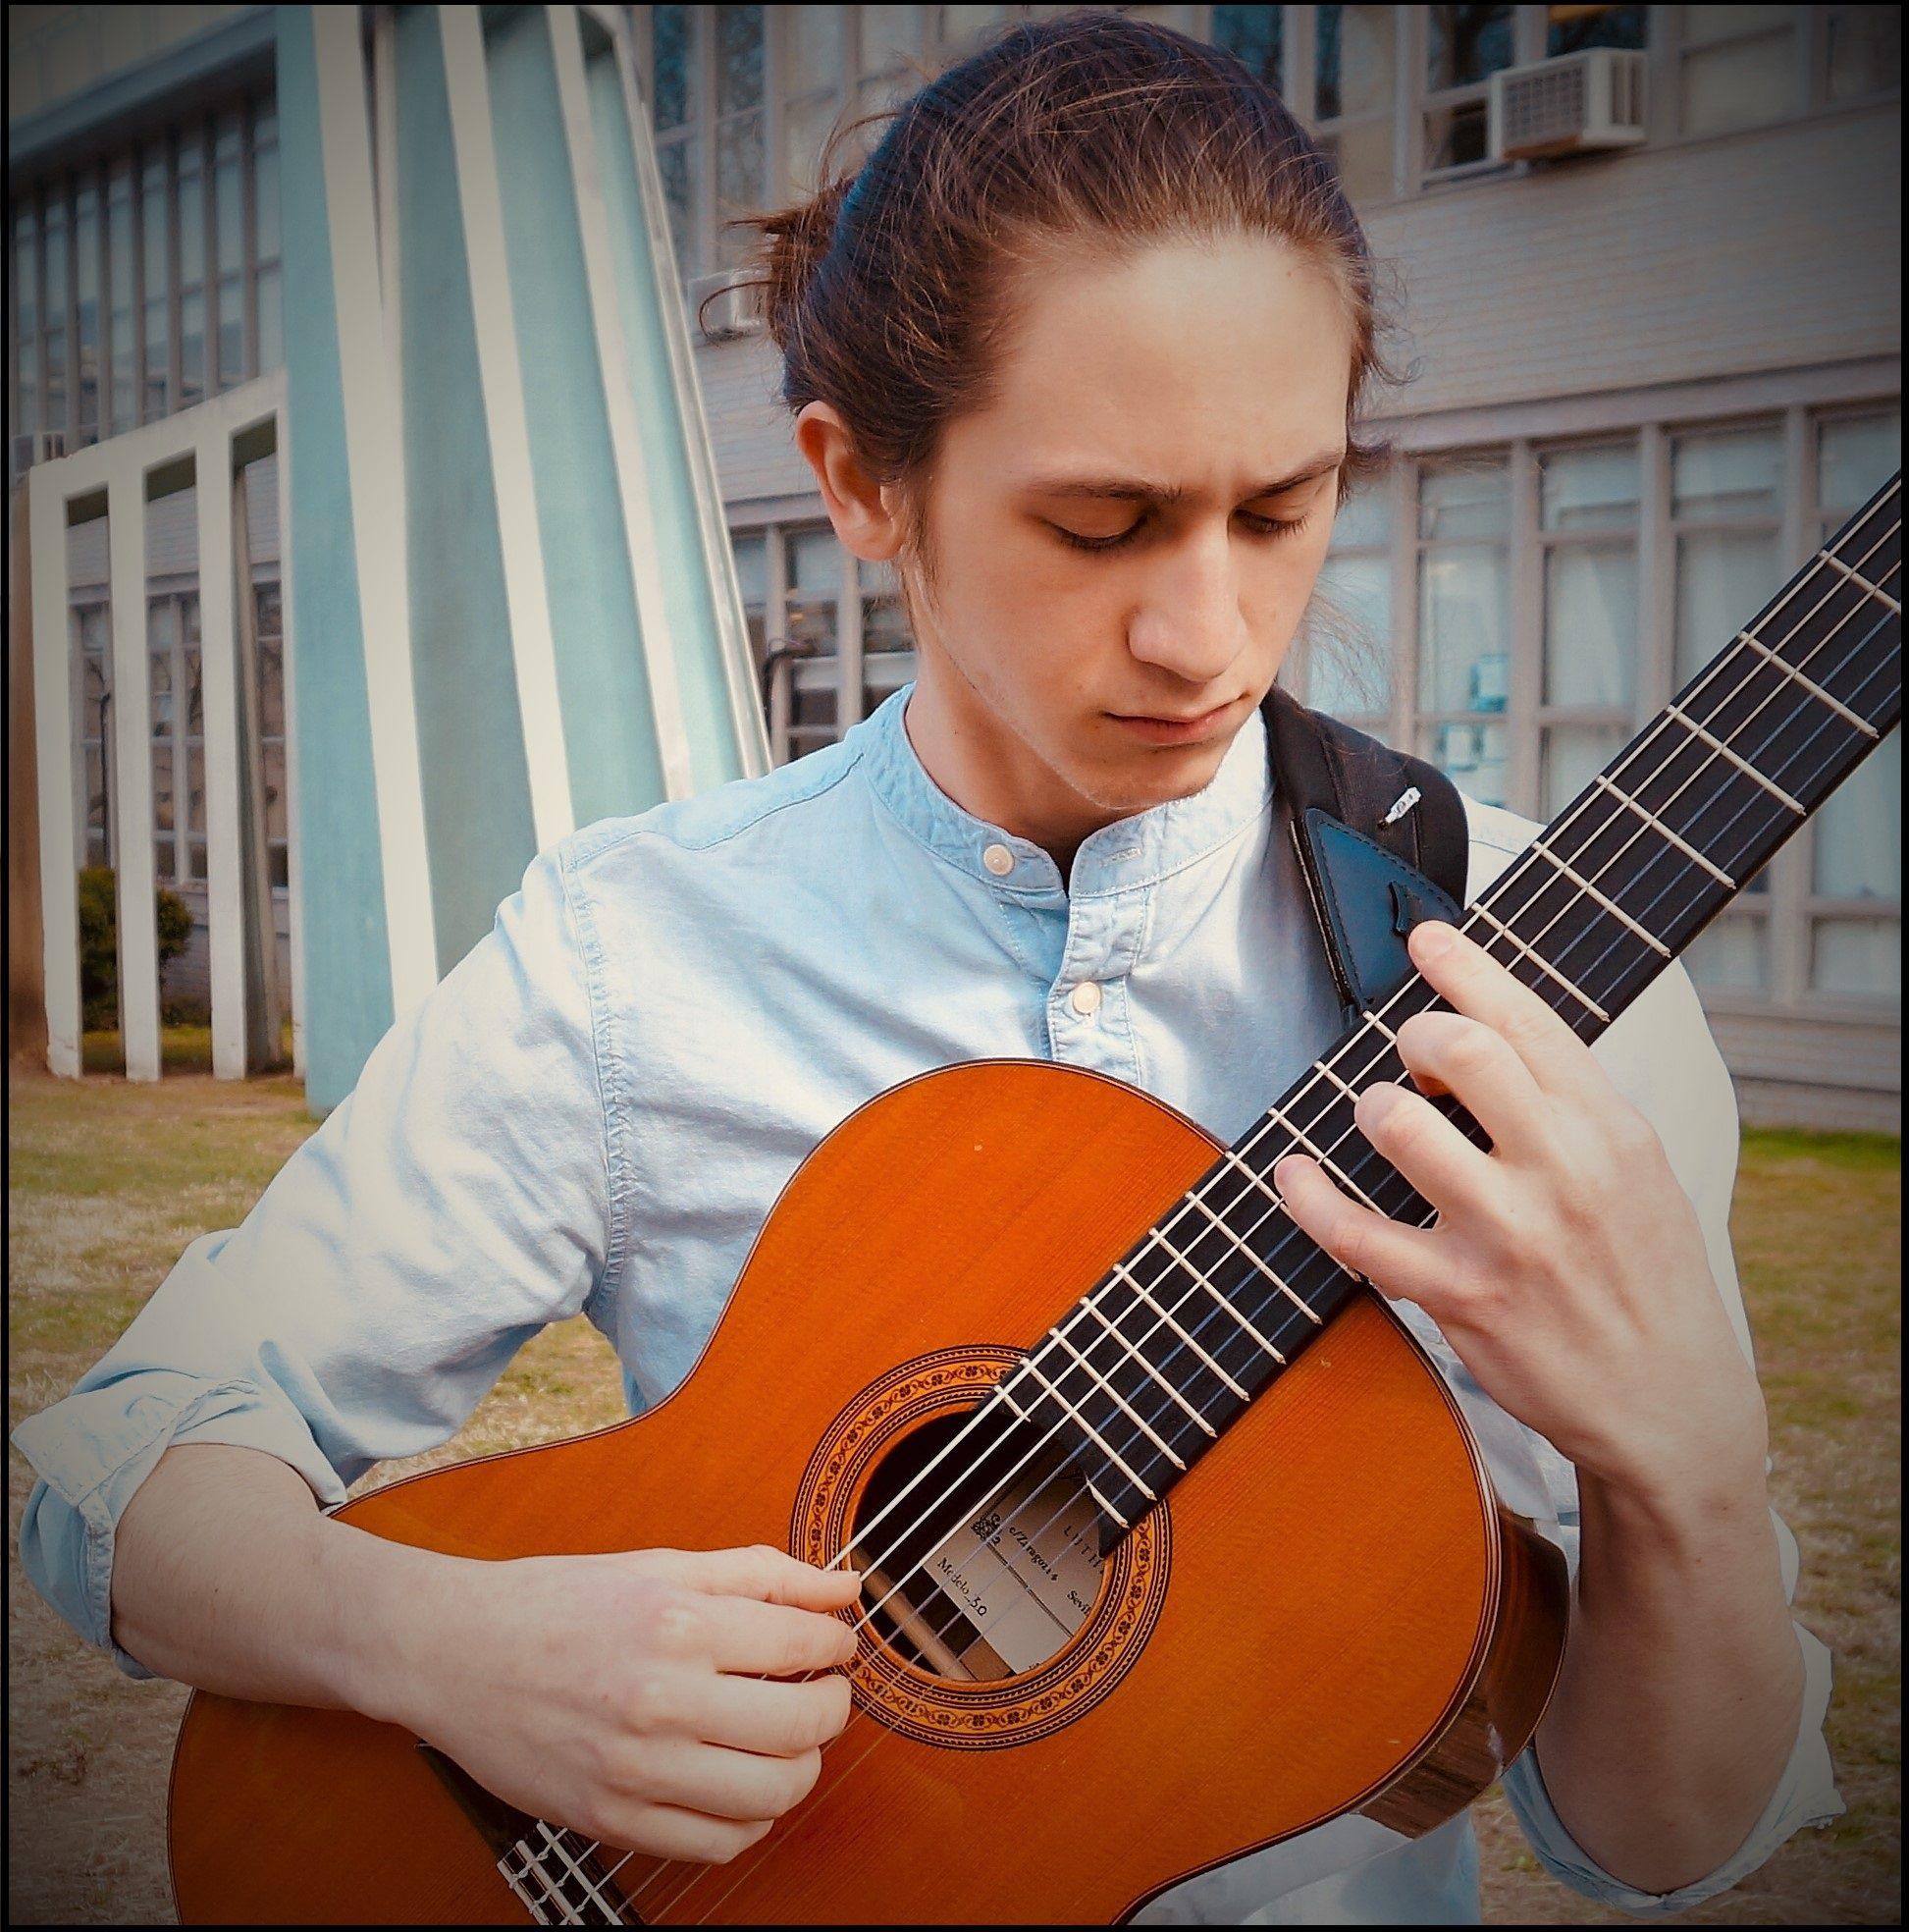 Kyle Miller Musician